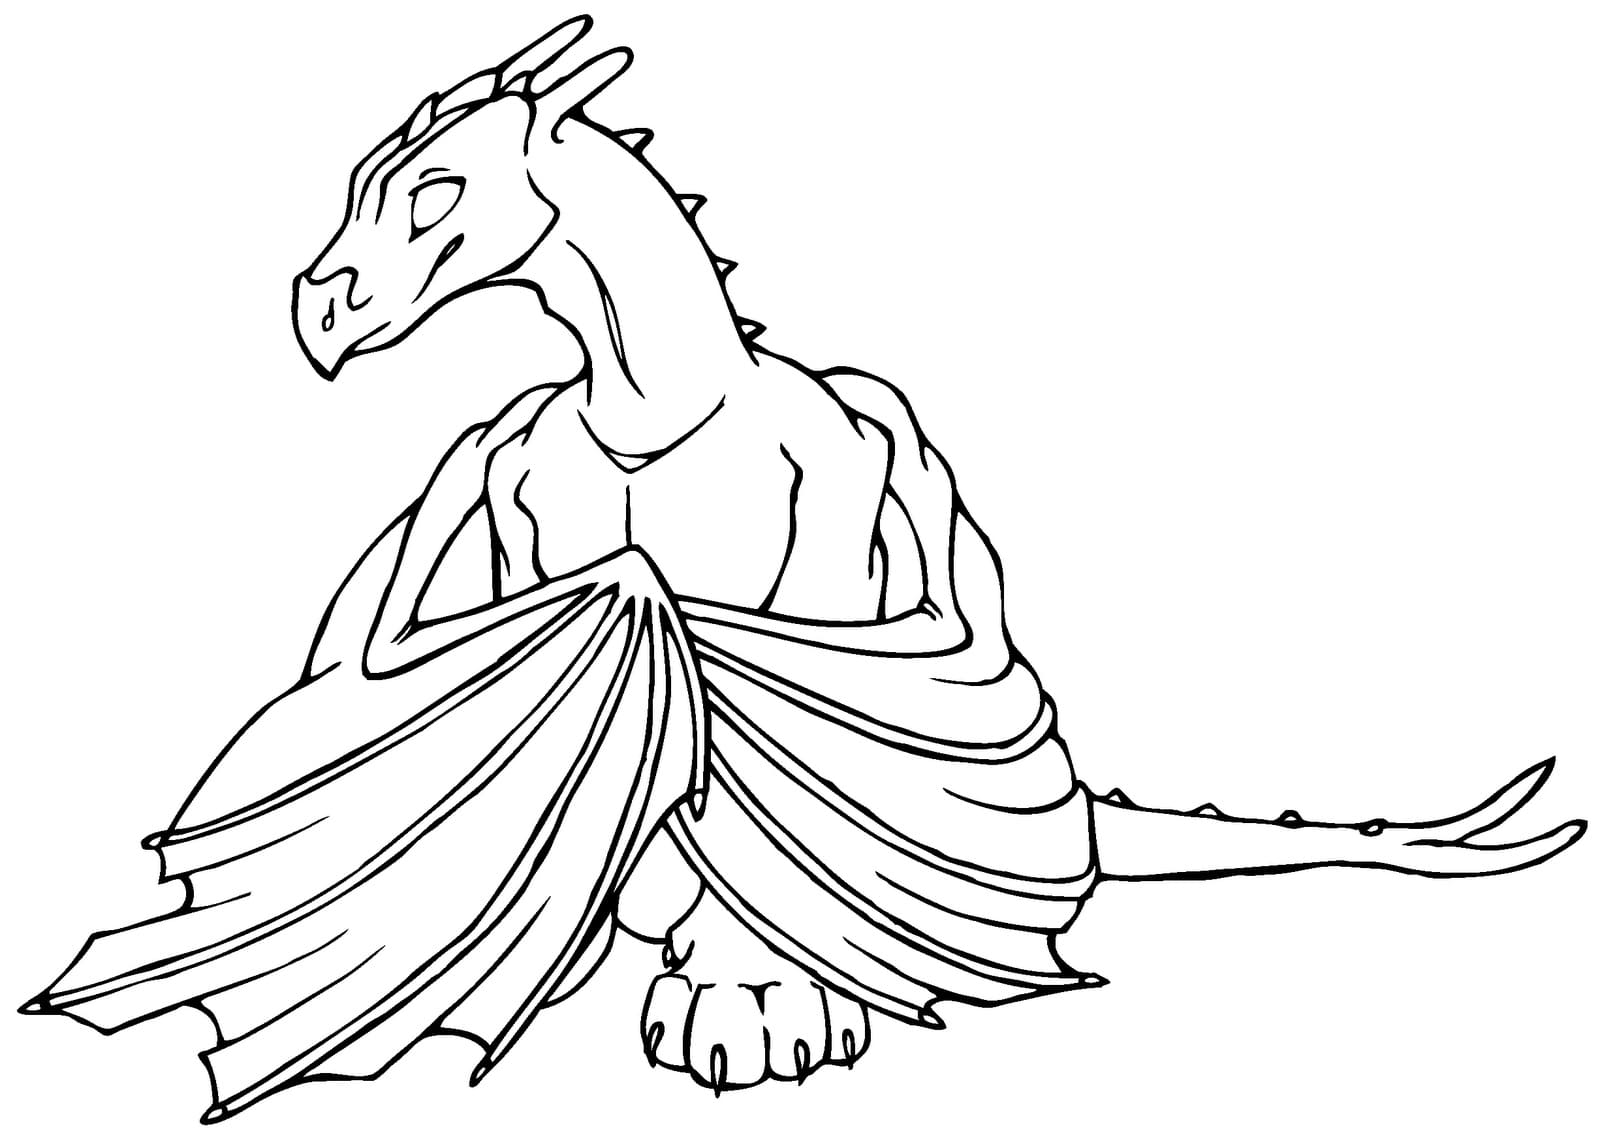 Dragões páginas para colorir. 100 imagens em preto e branco de graça